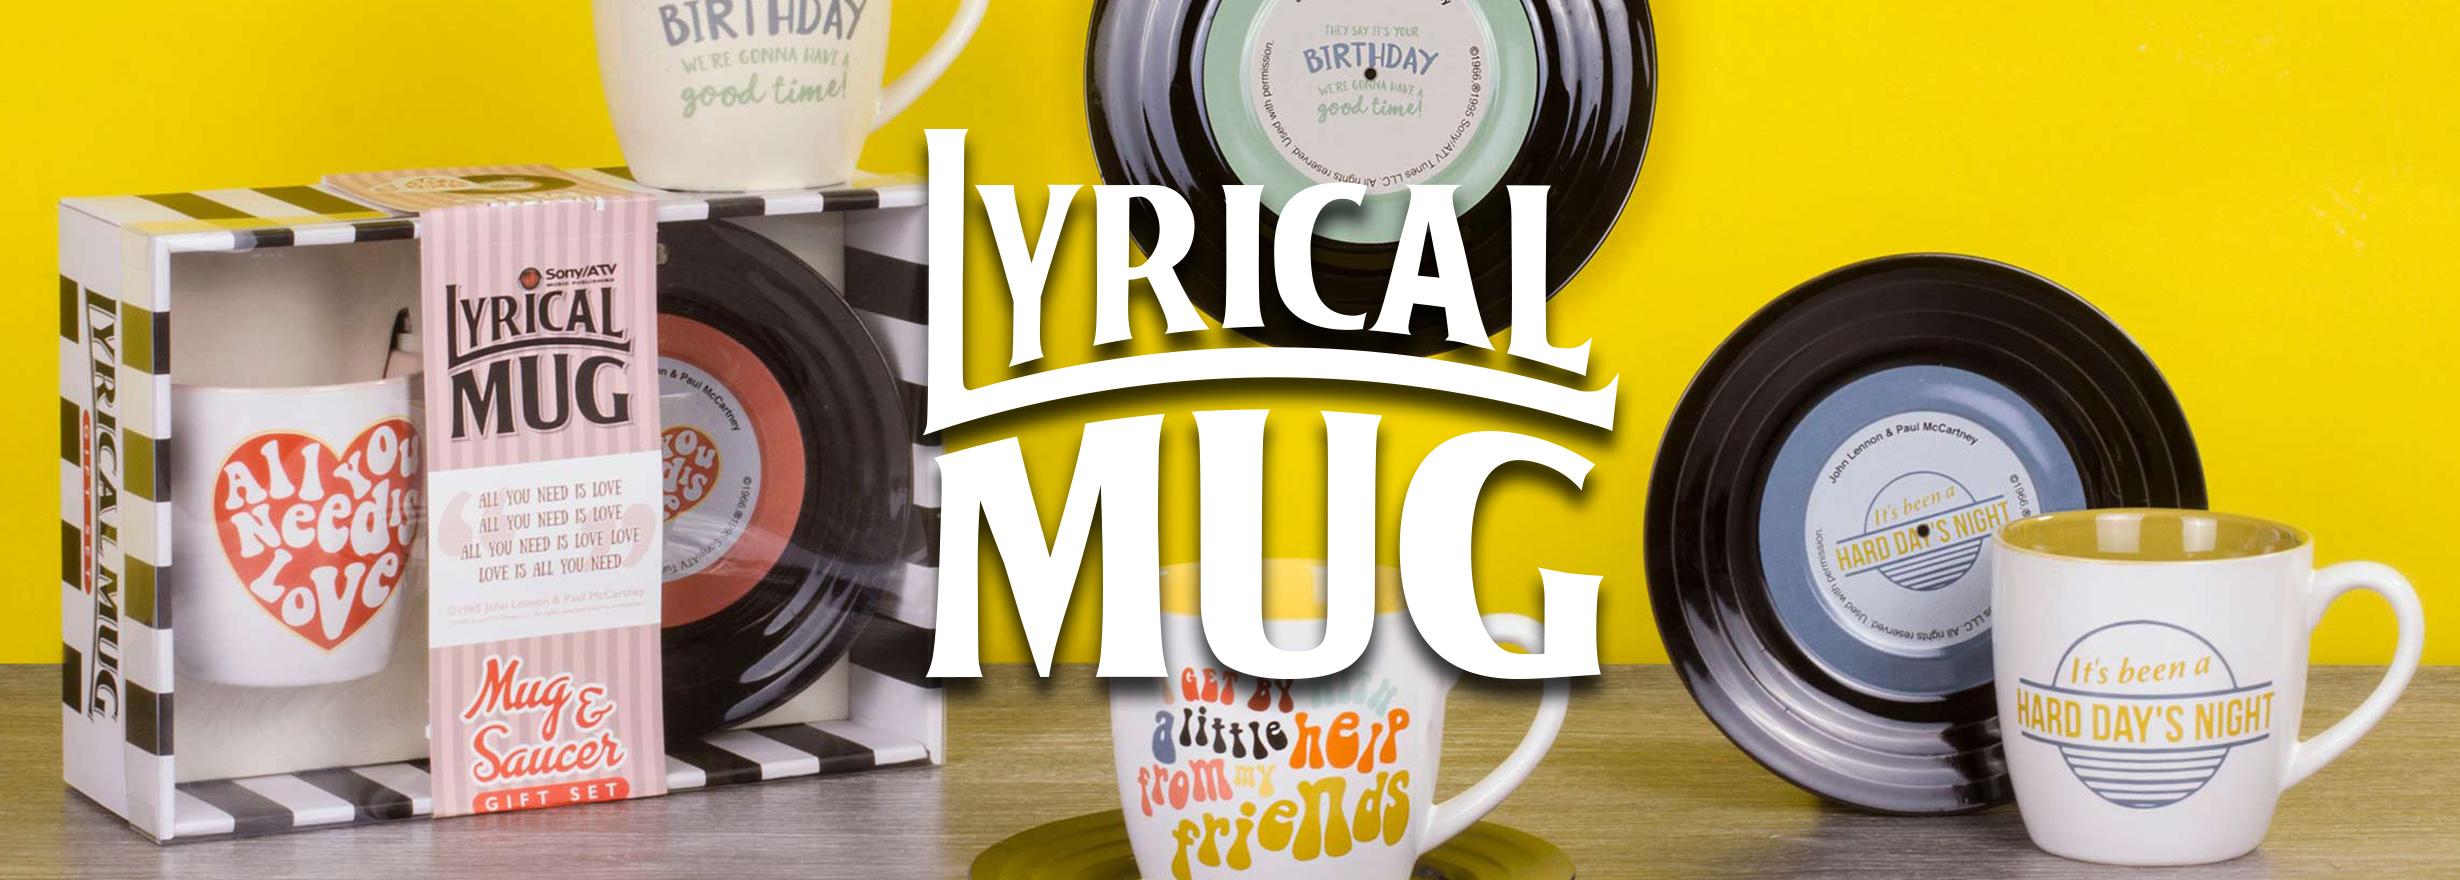 lyrical-mug-header